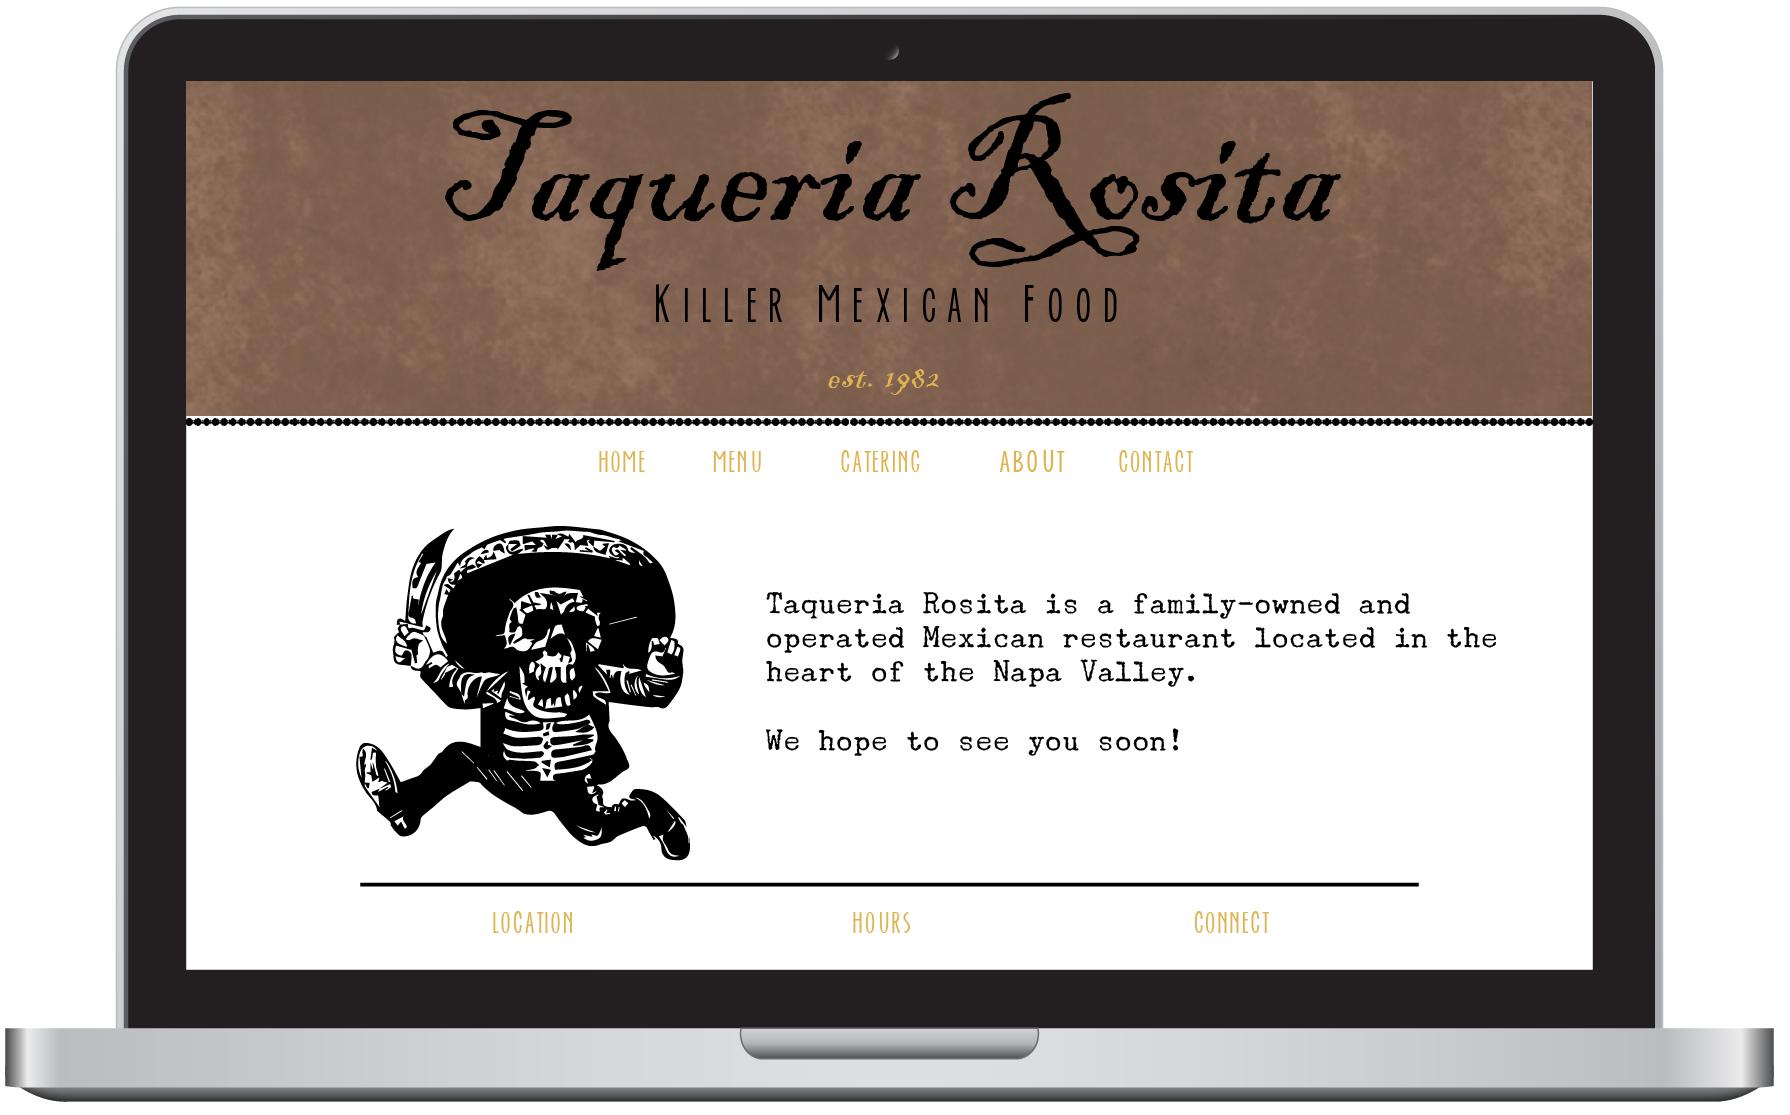 Taqueria Rosita